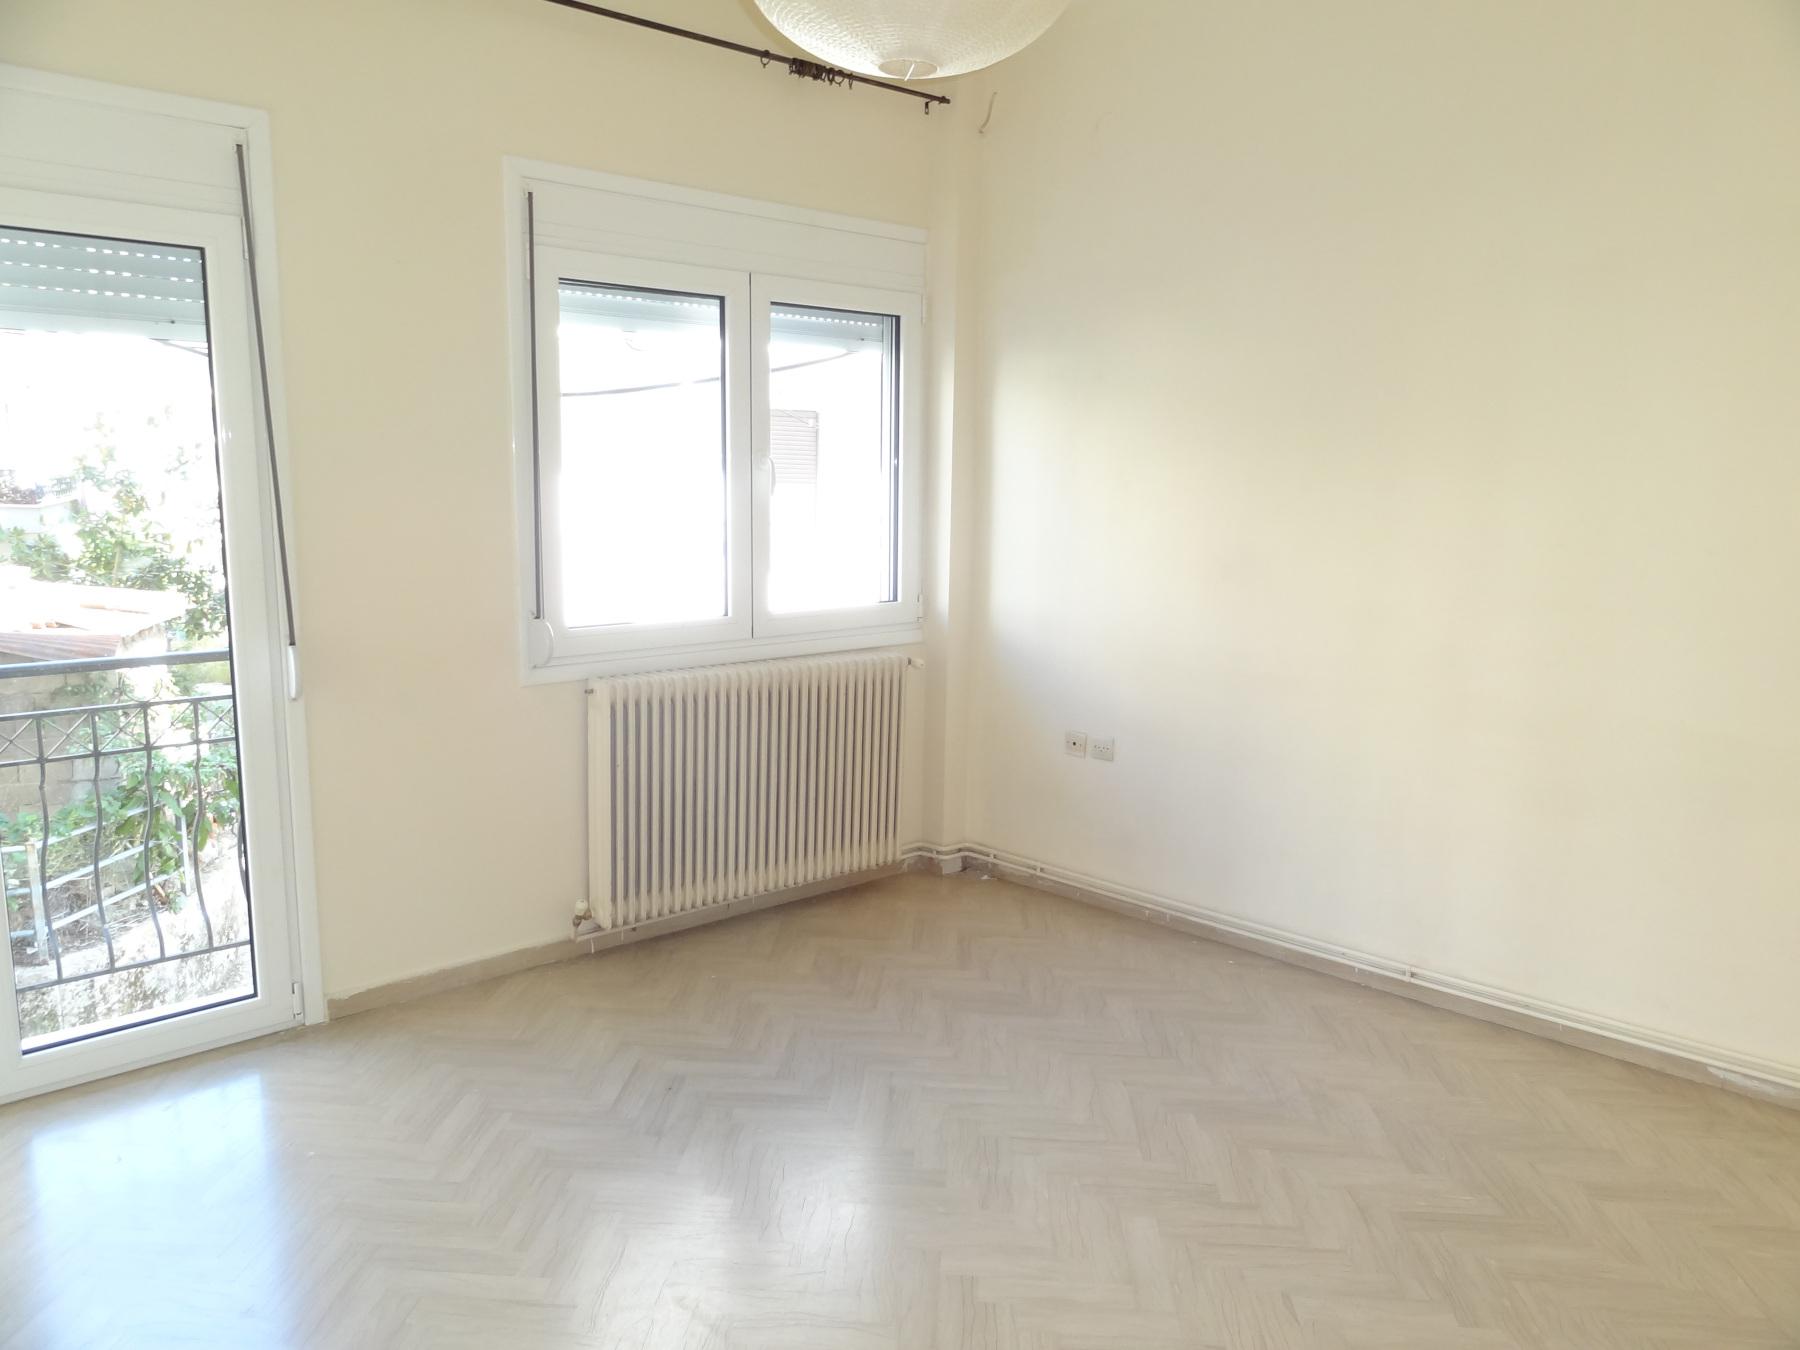 Ενοικιάζεται μερικώς ανακαινισμένο 3αρι διαμέρισμα 85 τ.μ. 1ου ορόφου στην περιοχή Λακκώματα στα Ιωάννινα